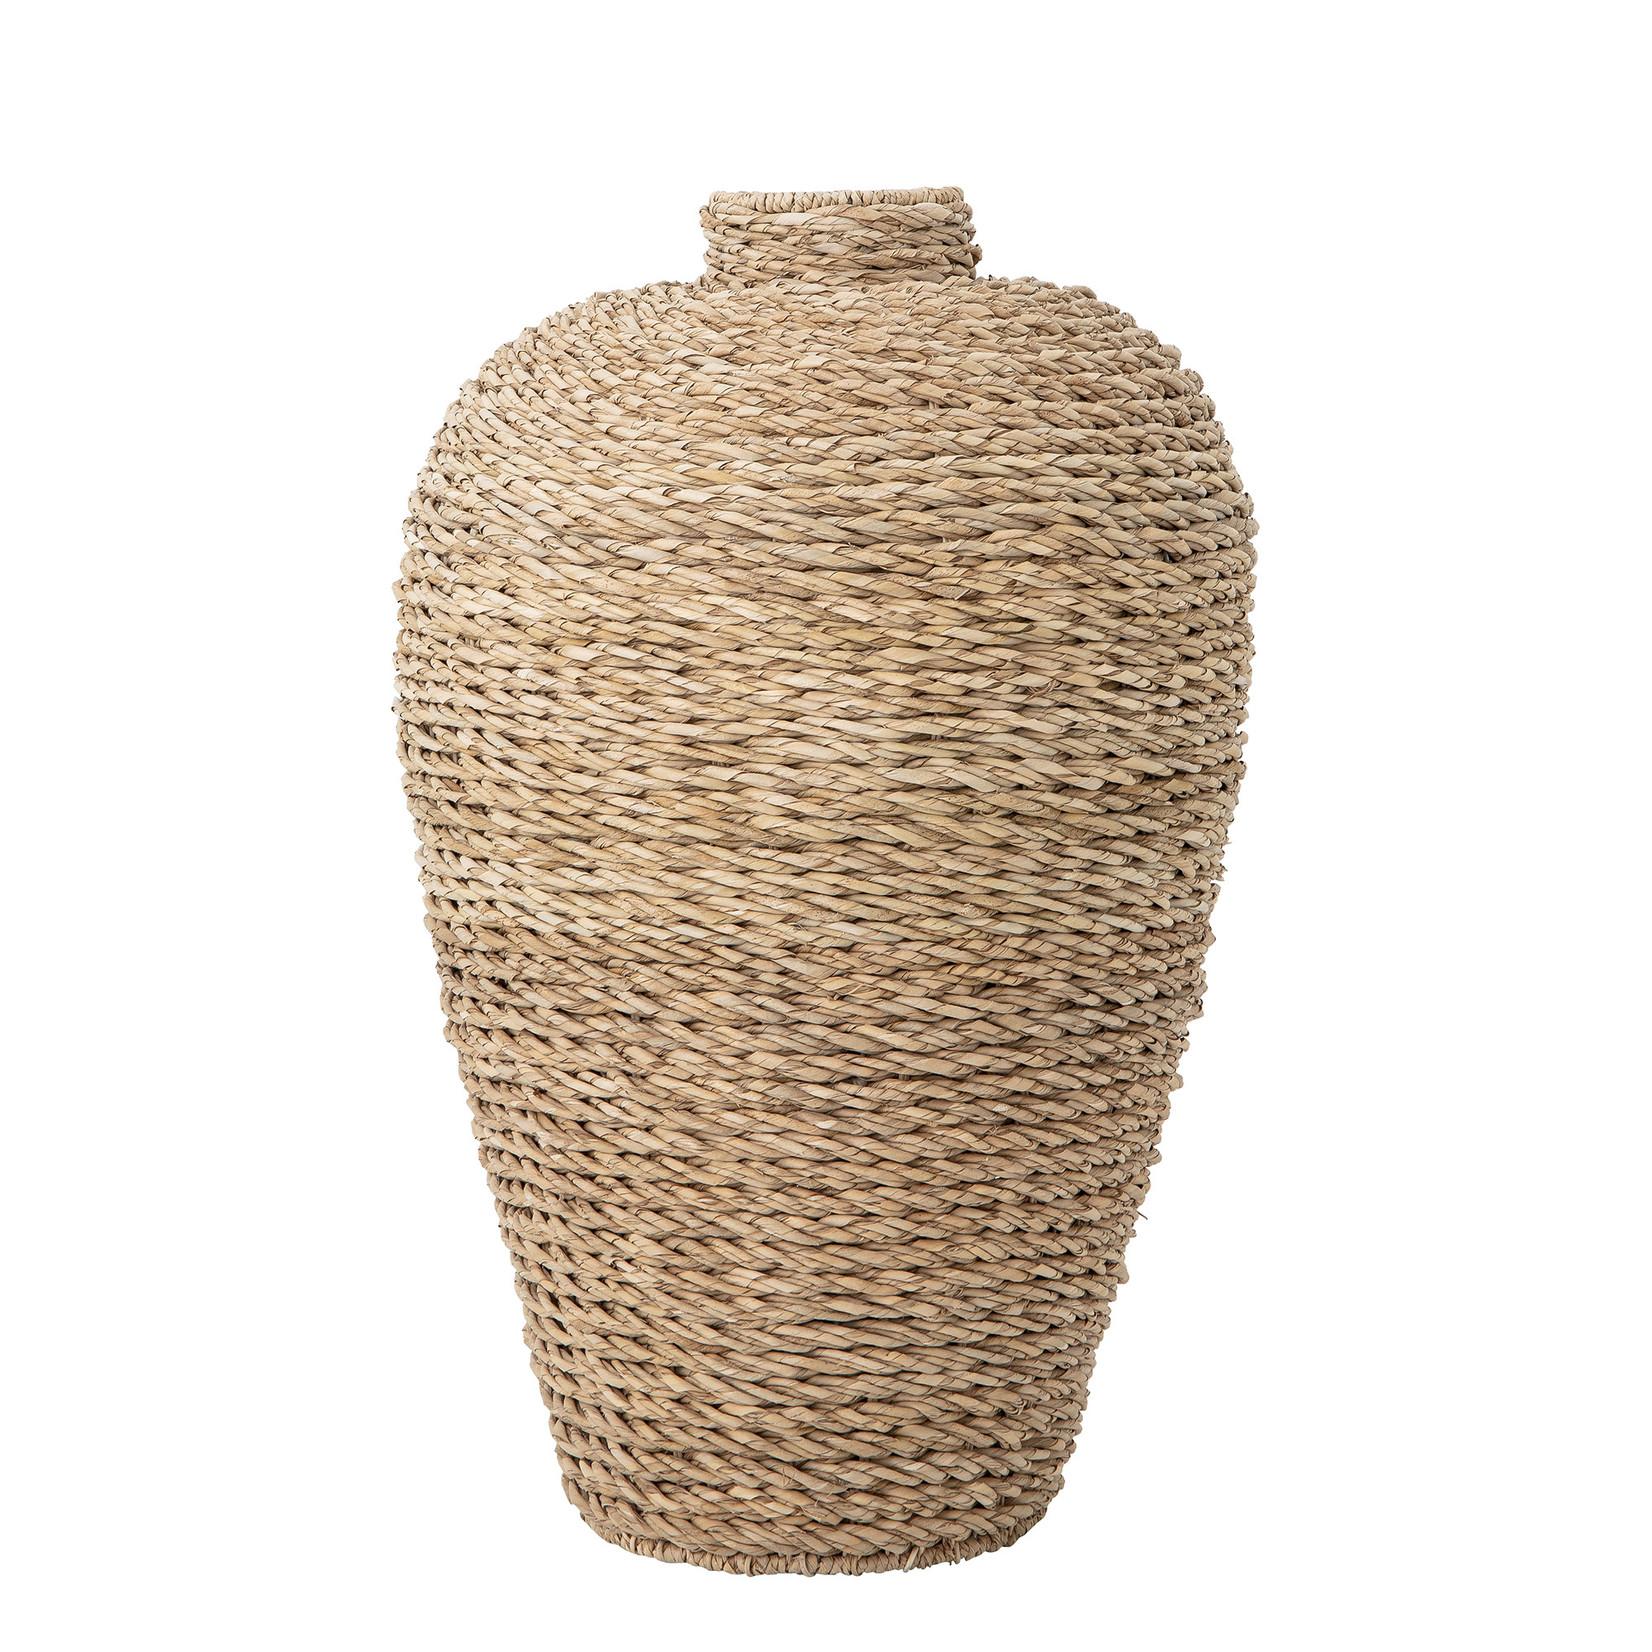 Bloomingville  Deco Basket, Nature, Lampakanay